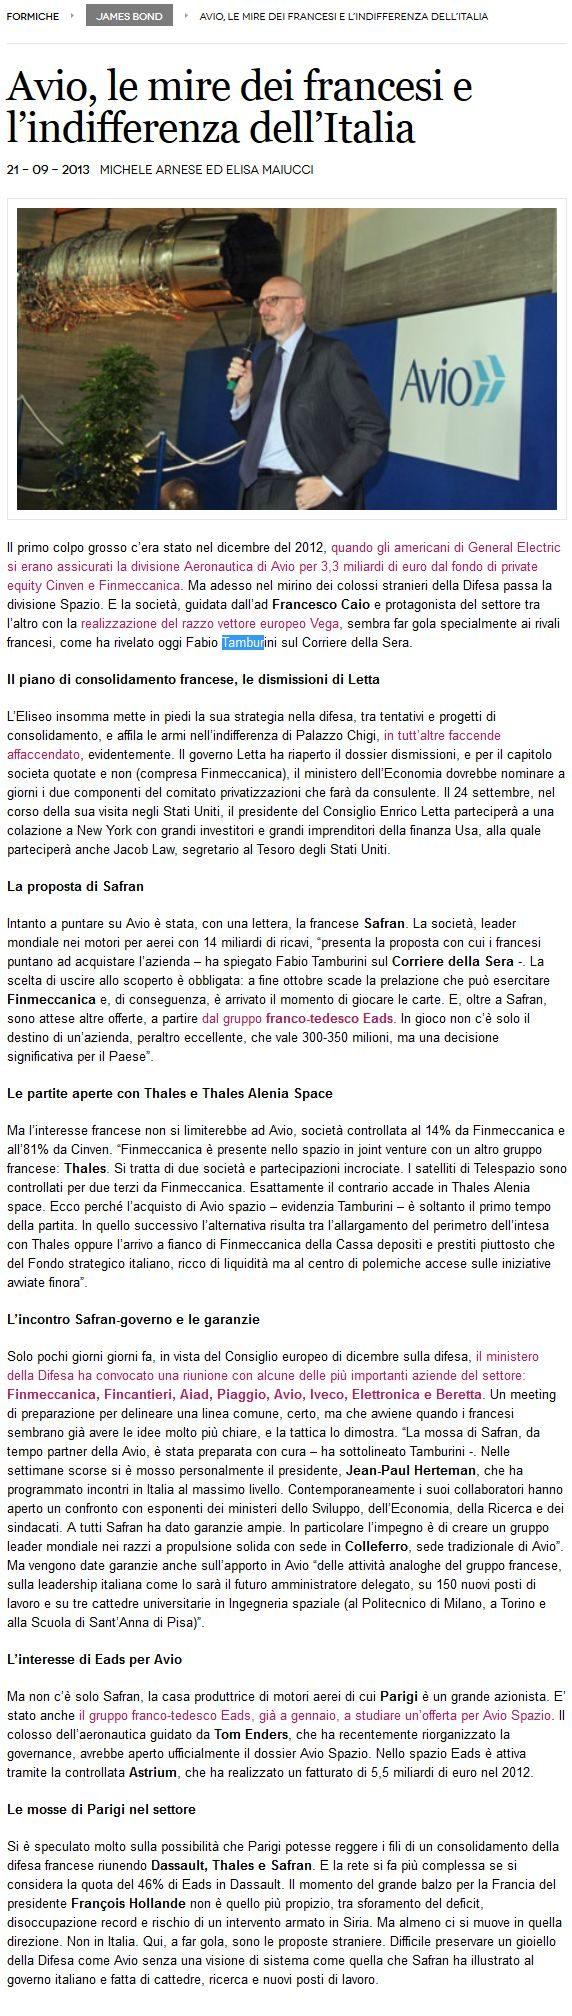 FireShot Screen Capture #071 - 'Avio, le mire dei francesi e l'indifferenza dell'Italia - Formiche' - www_formiche_net_2013_09_21_avio-finmeccanica-safran-eads